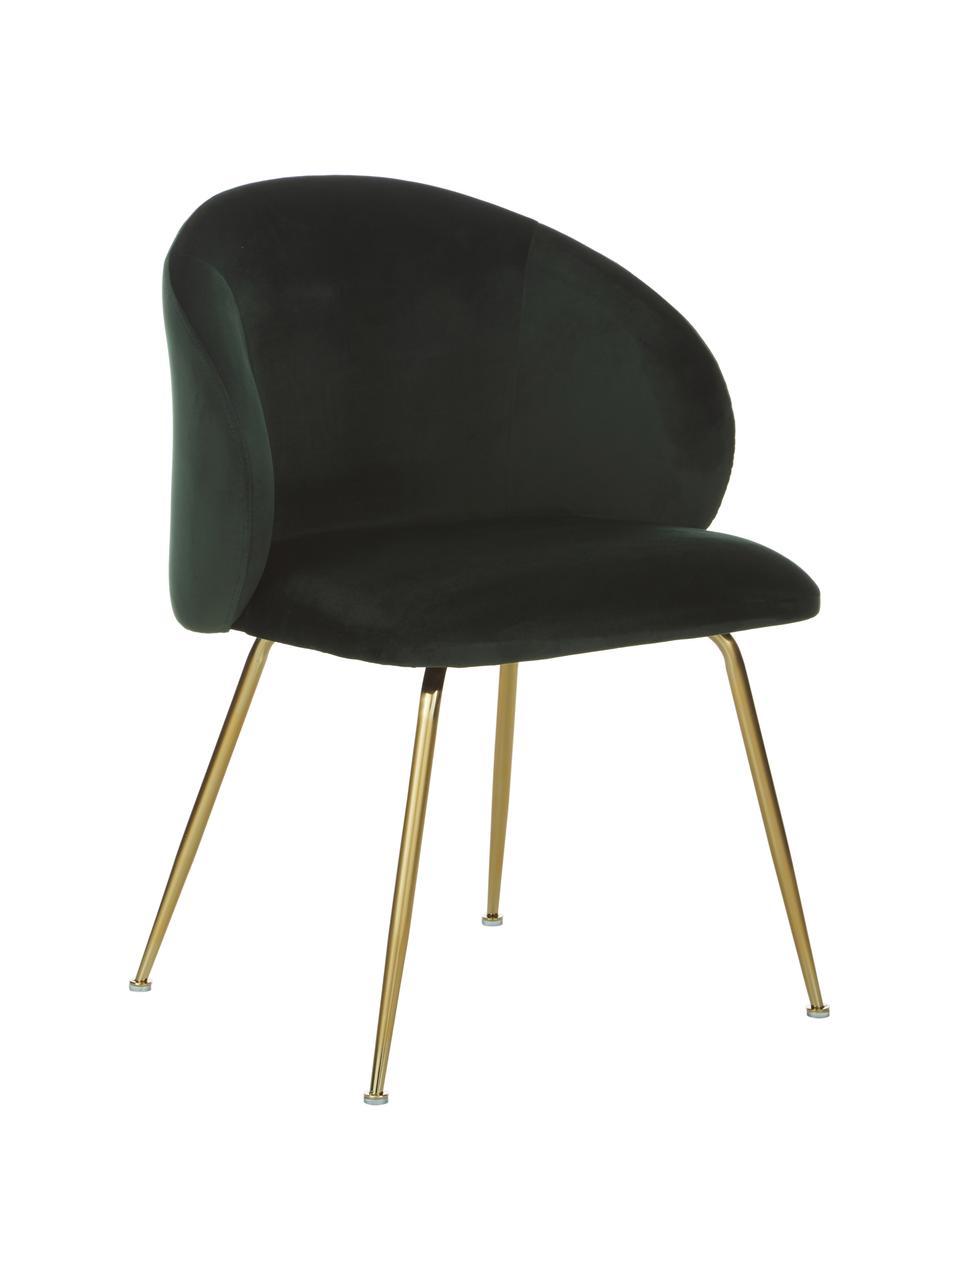 Krzesło tapicerowane z aksamitu Luisa, 2 szt., Nogi: metal lakierowany, Aksamitny ciemny zielony, złoty, S 59 x G 58 cm